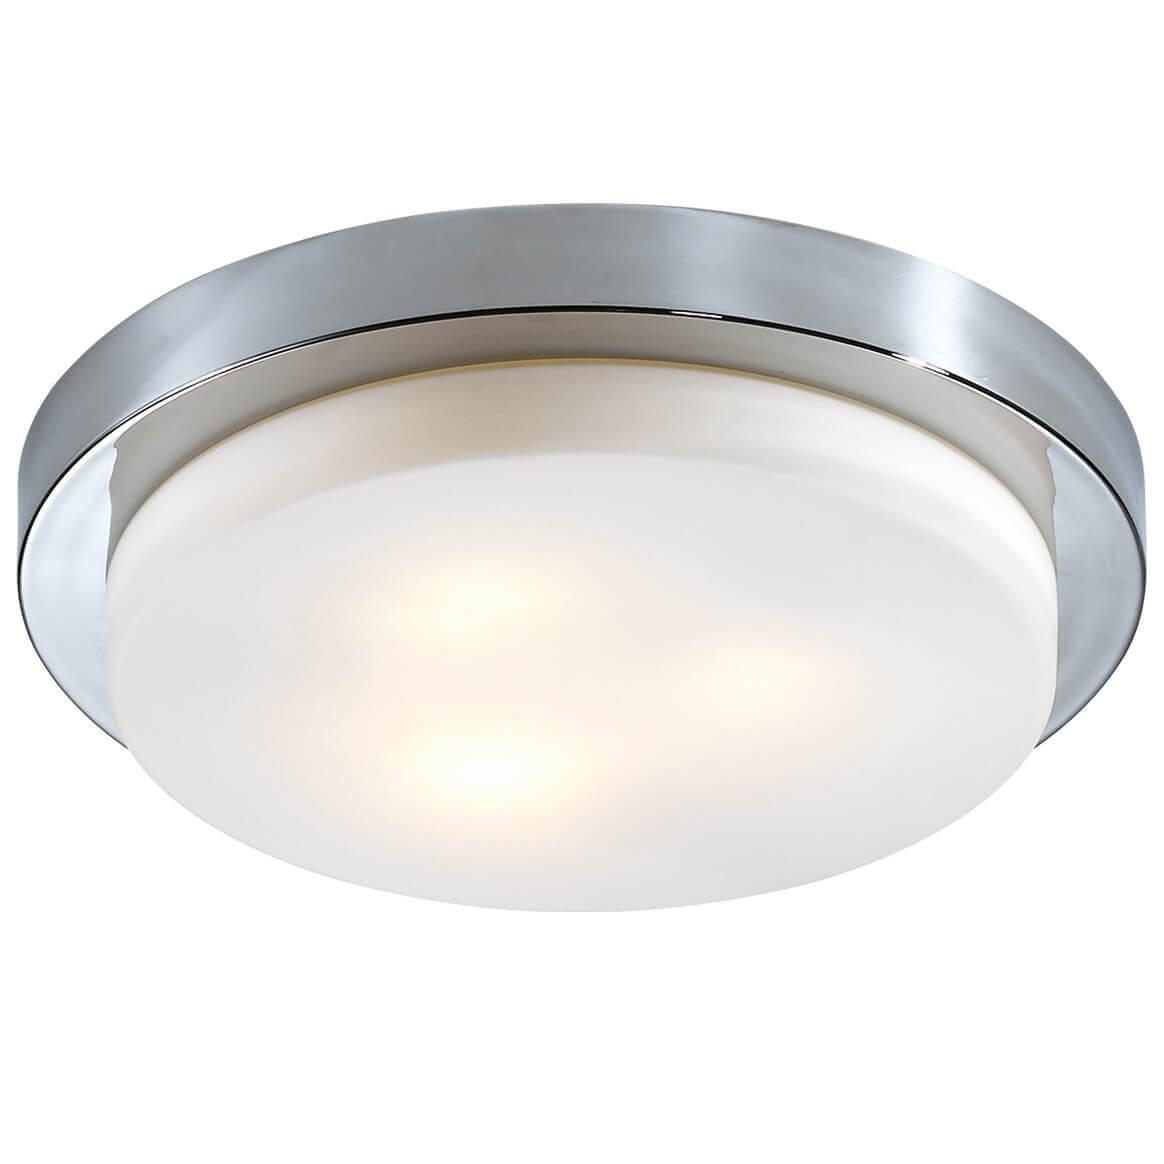 Потолочный светильник Odeon Light Holger 2746/3C цена в Москве и Питере